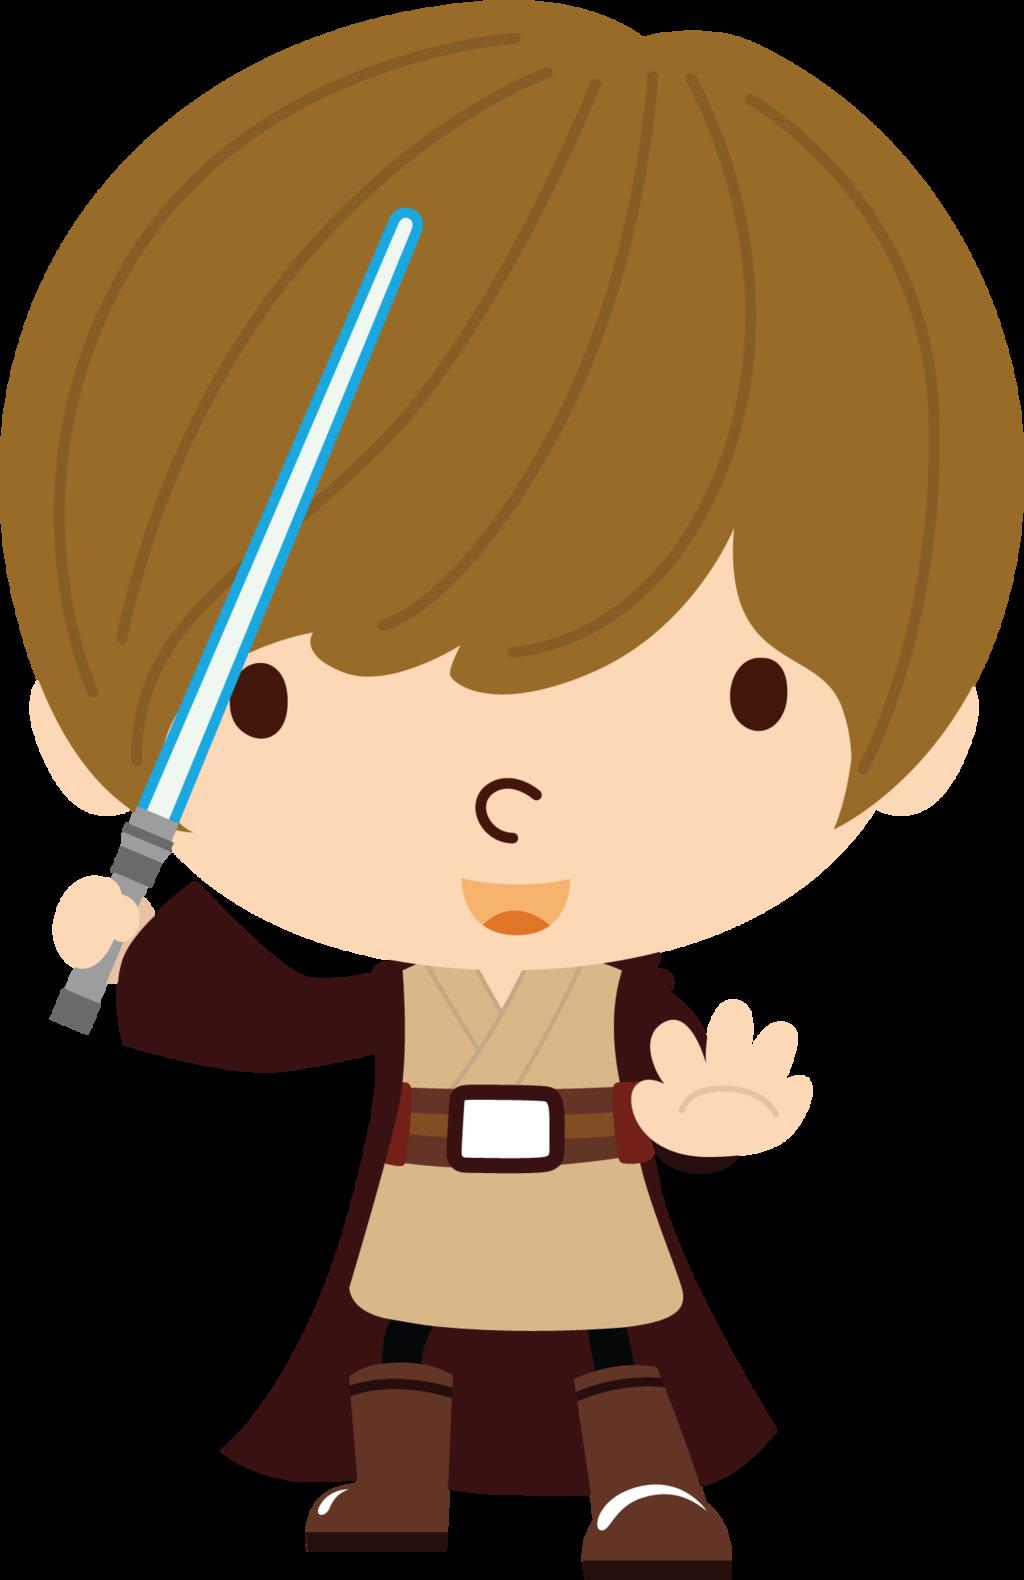 Jedi Cliparts.